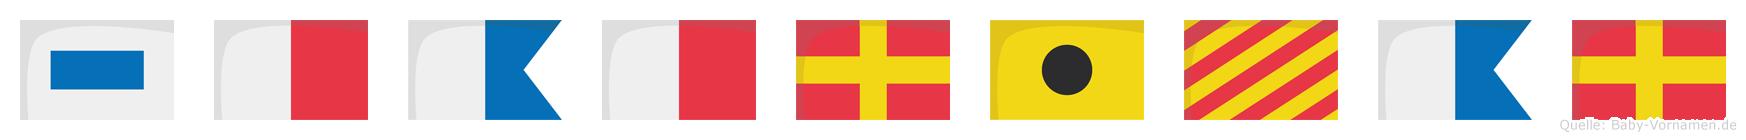 Shahriyar im Flaggenalphabet